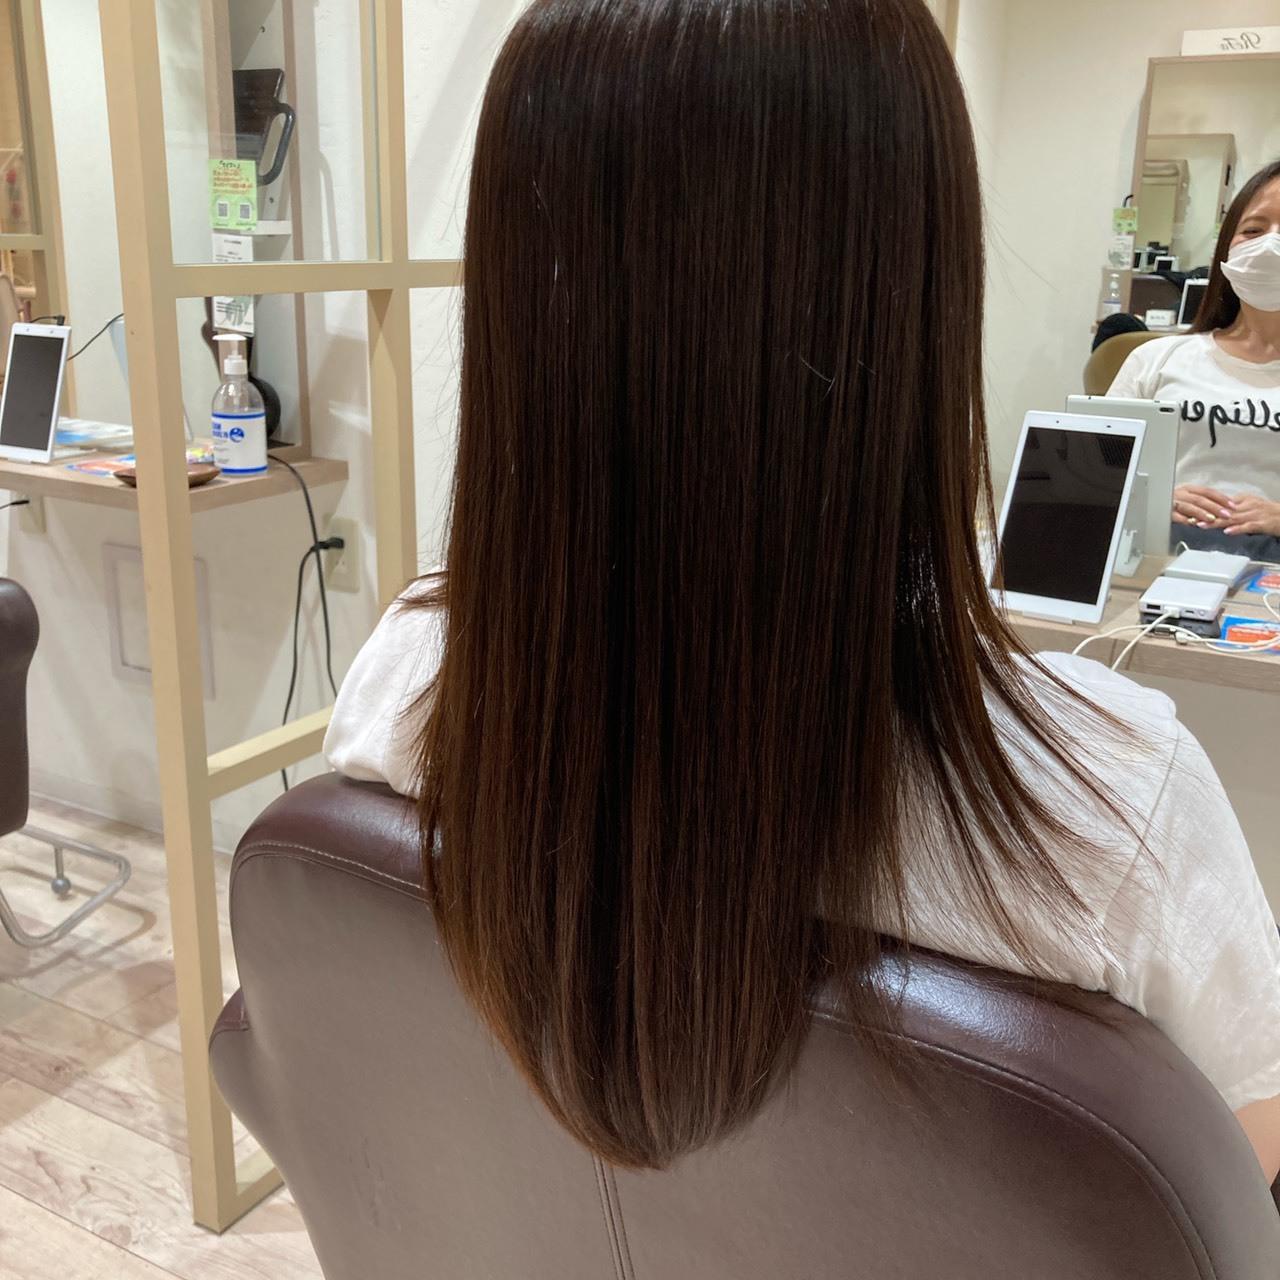 理想の艶髪に導く「oggiotto」を取り扱い!豊富な薬剤でヘアケアも万全に